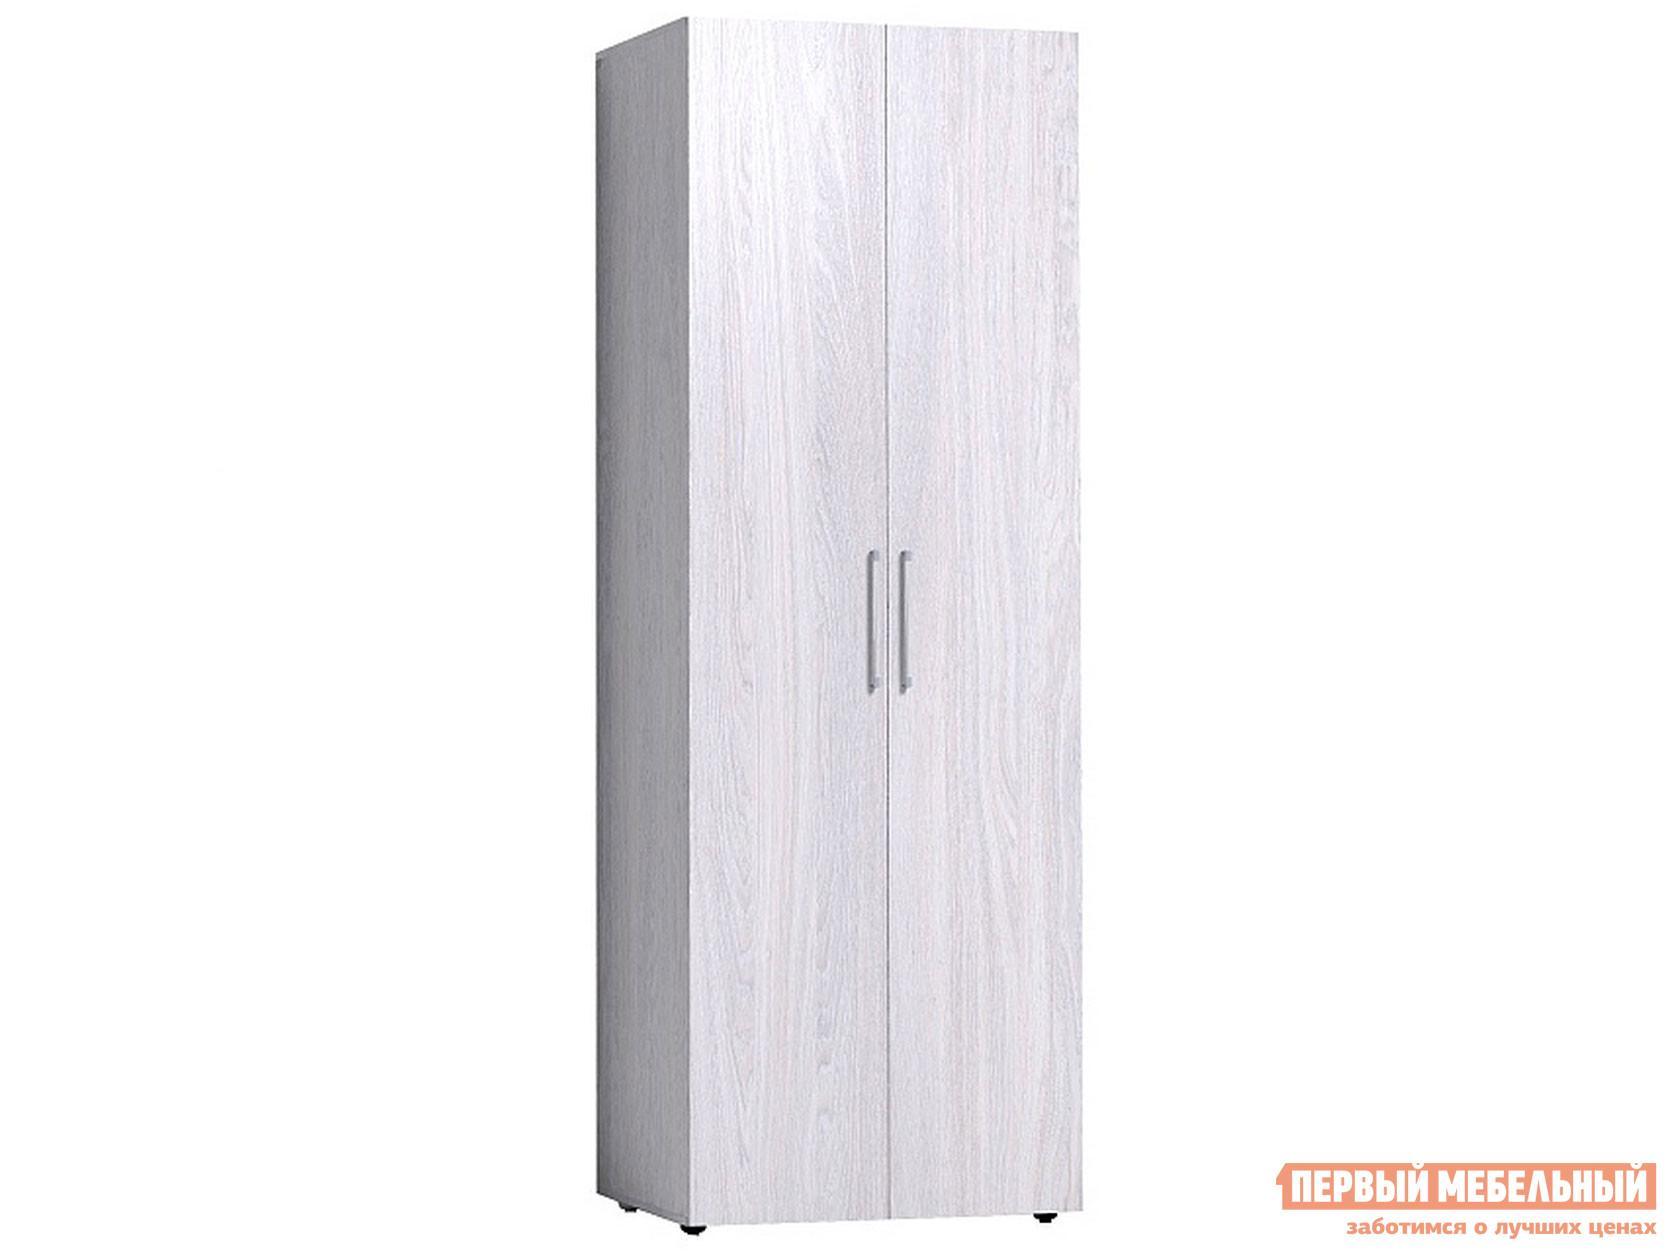 Шкаф распашной  Монако 54 (спальня) Шкаф для одежды Ясень Анкор светлый